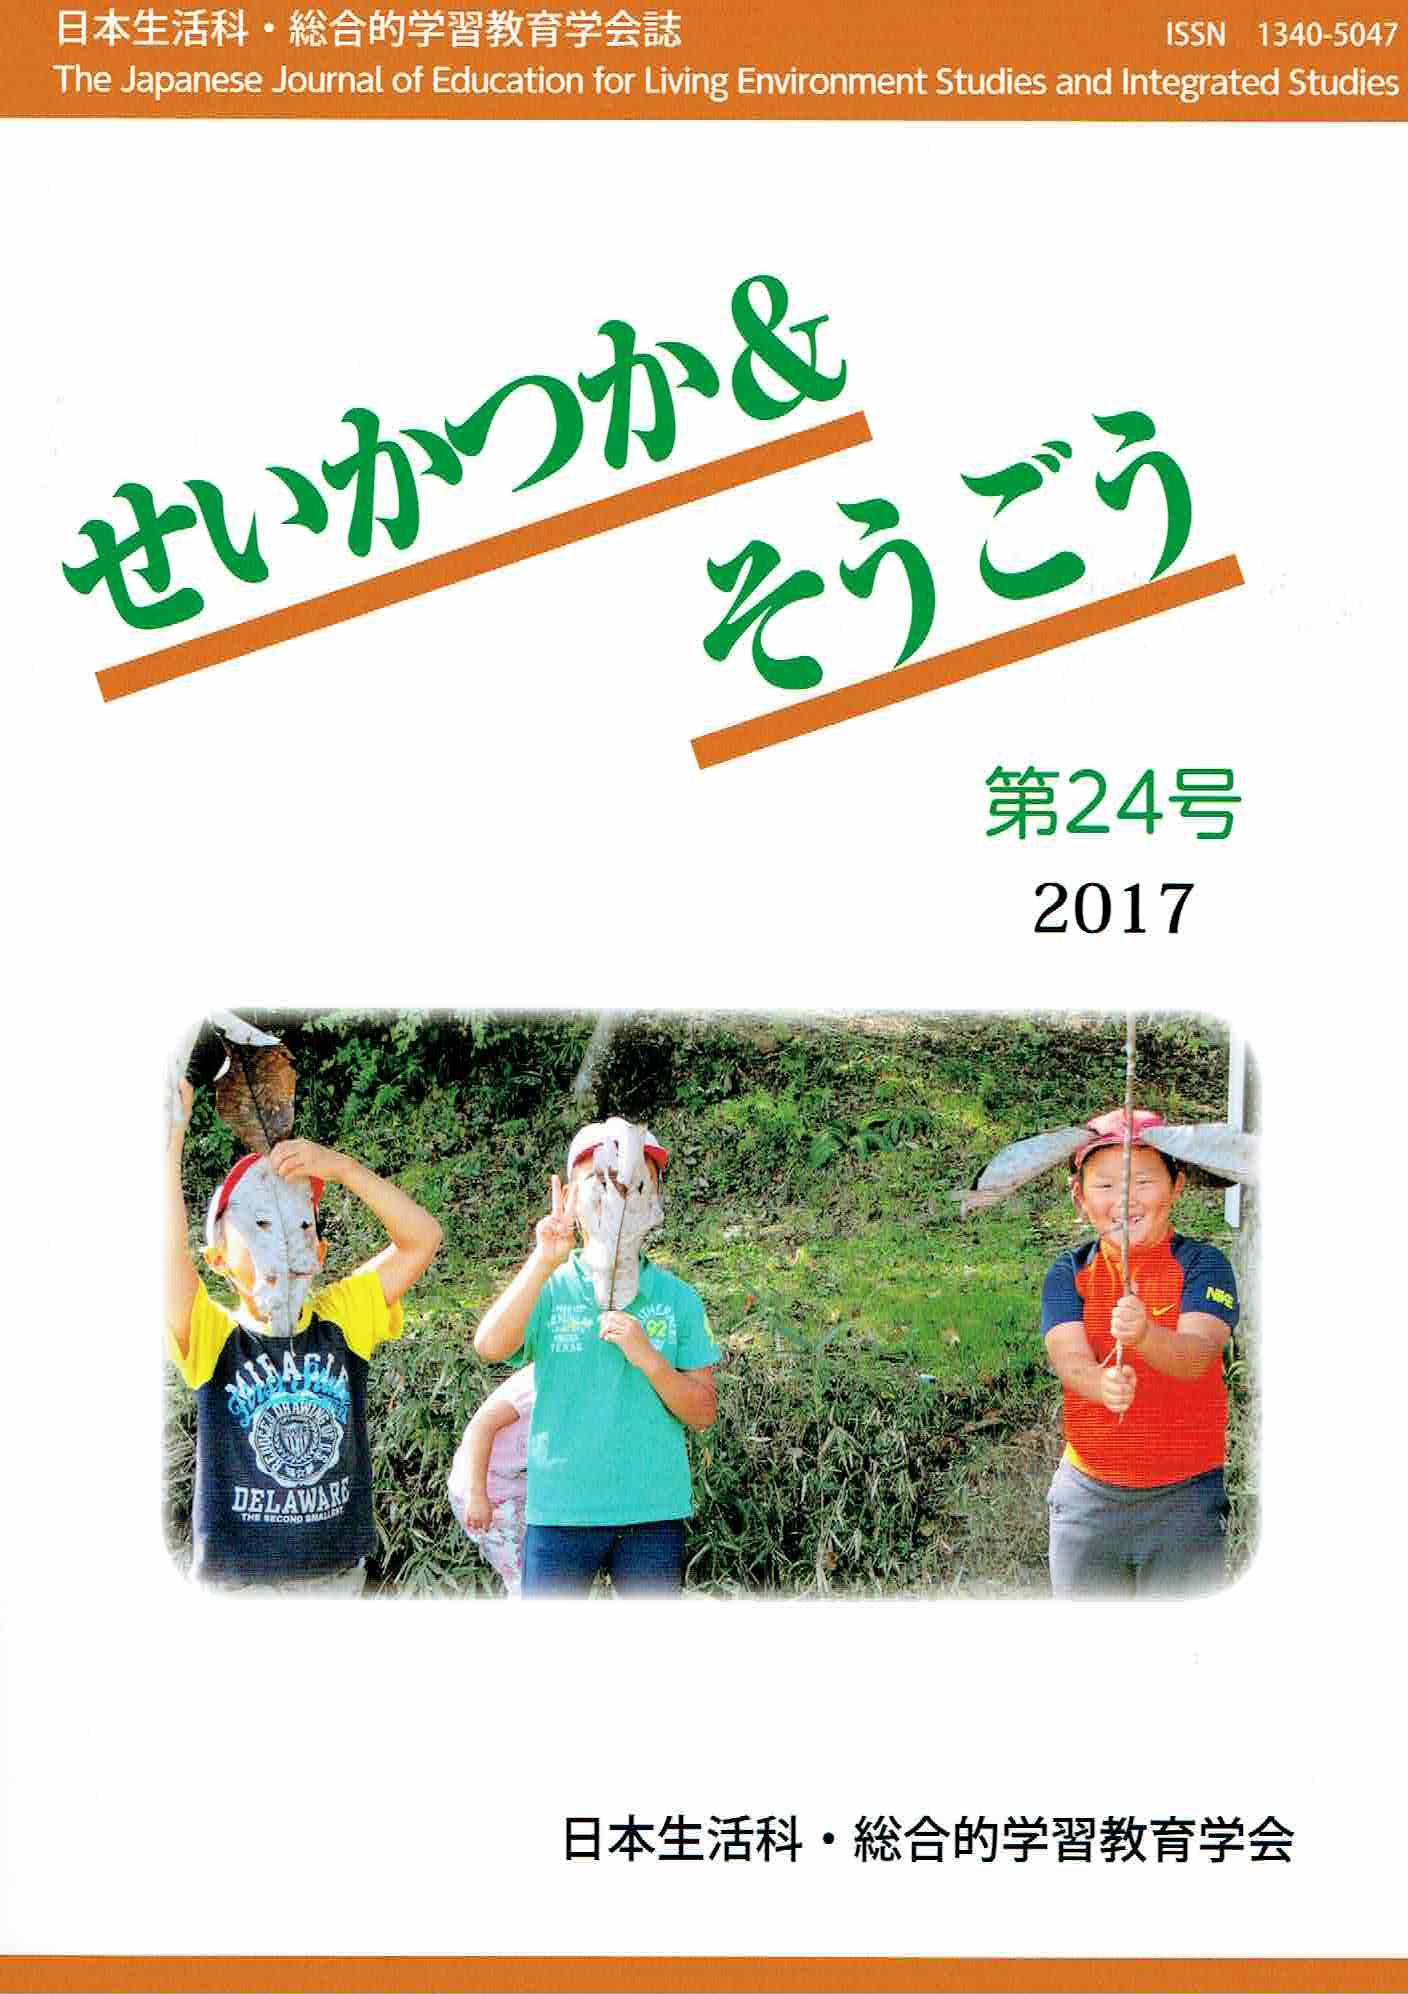 【最新号】第24号(2017年3月発行)